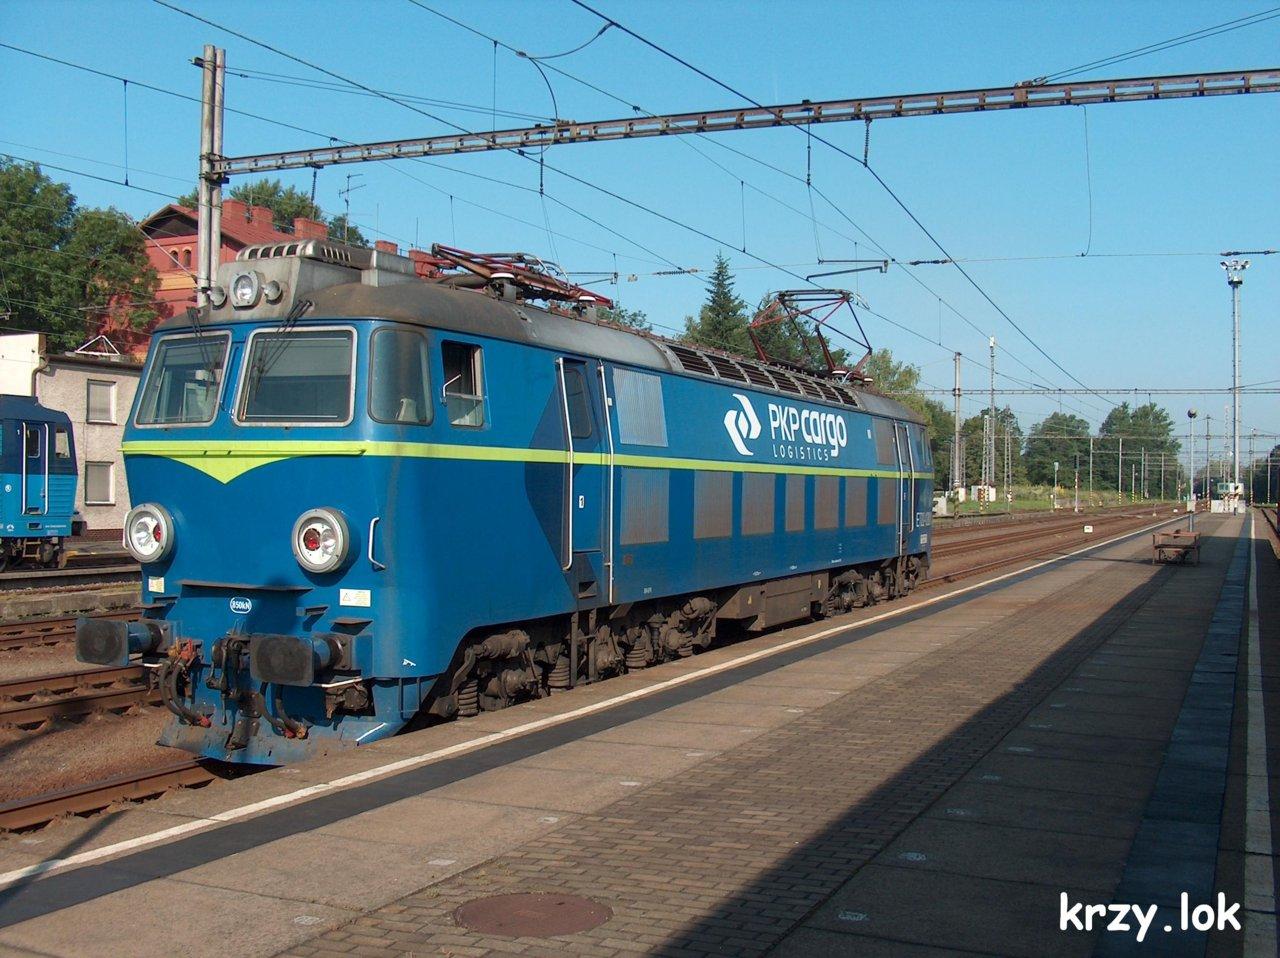 HPIM5874.JPG